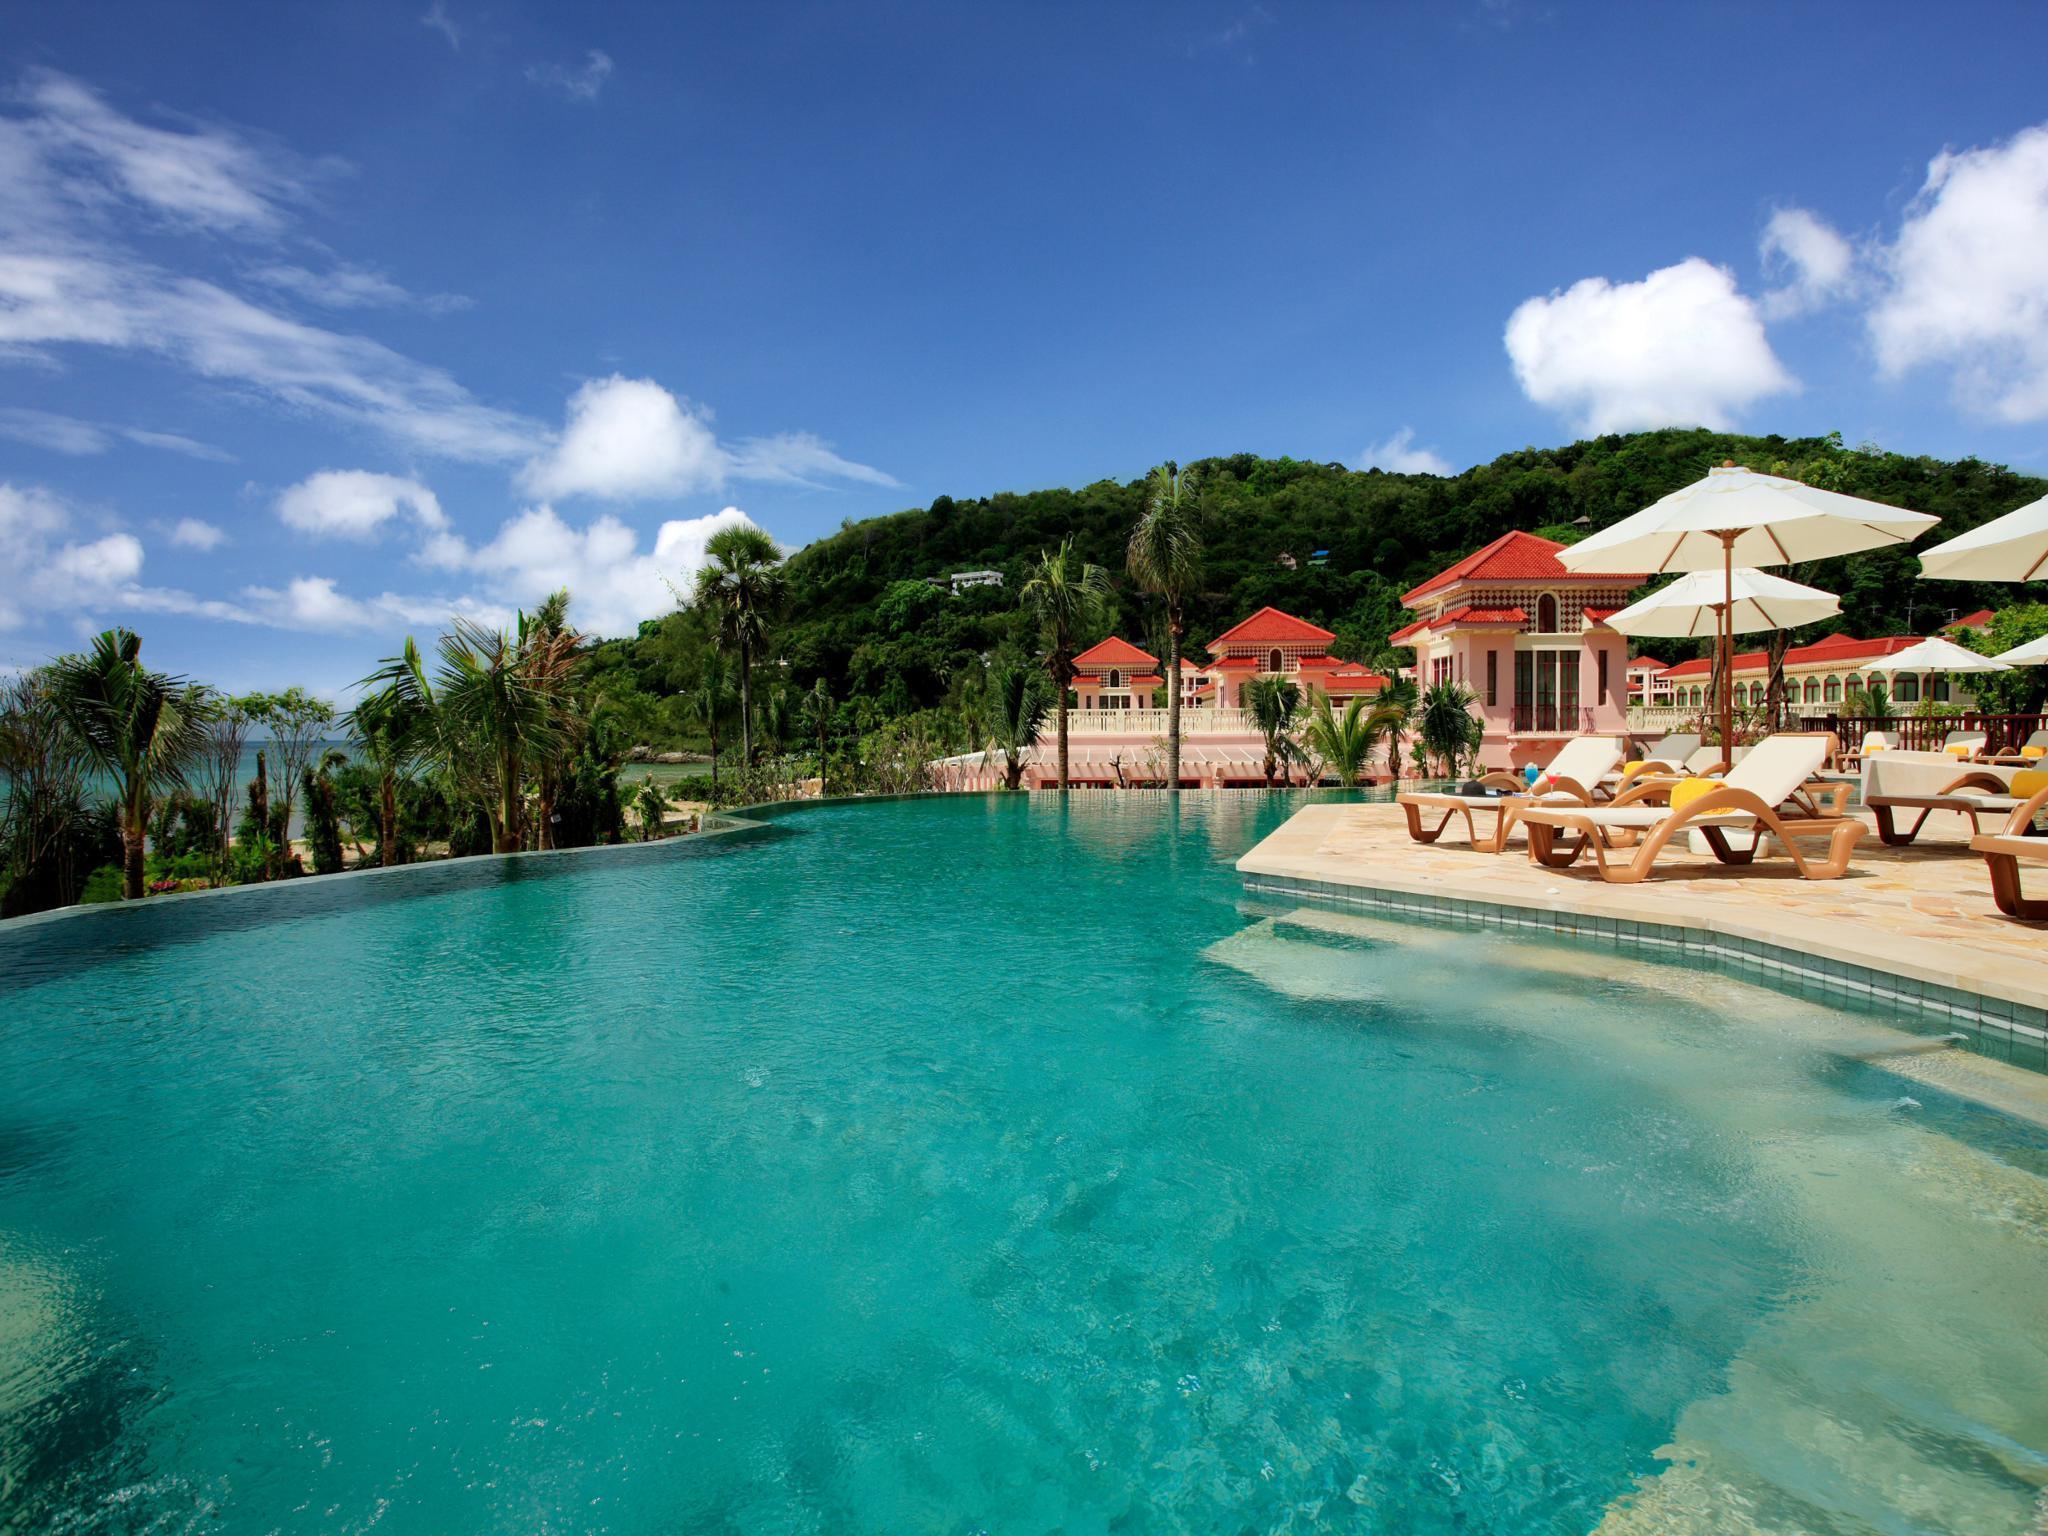 普吉岛普吉岛森塔拉海滩度假酒店